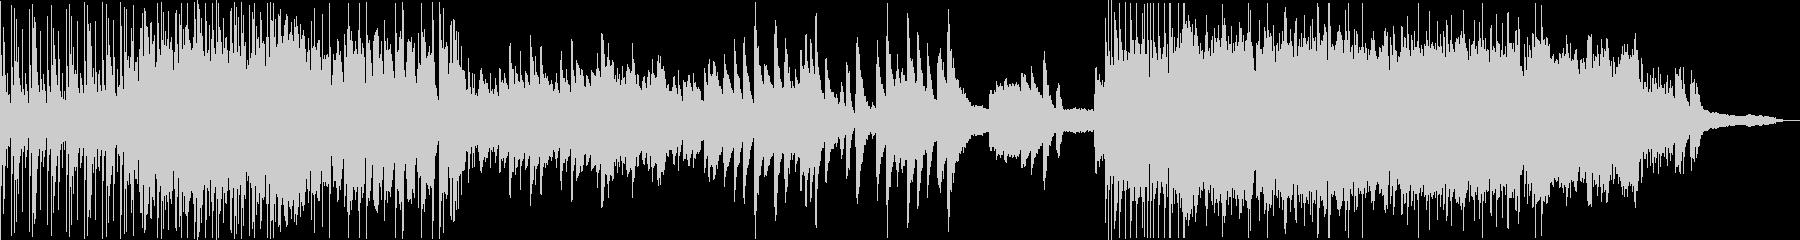 ジャズビート・バラード・ポップのメドレーの未再生の波形